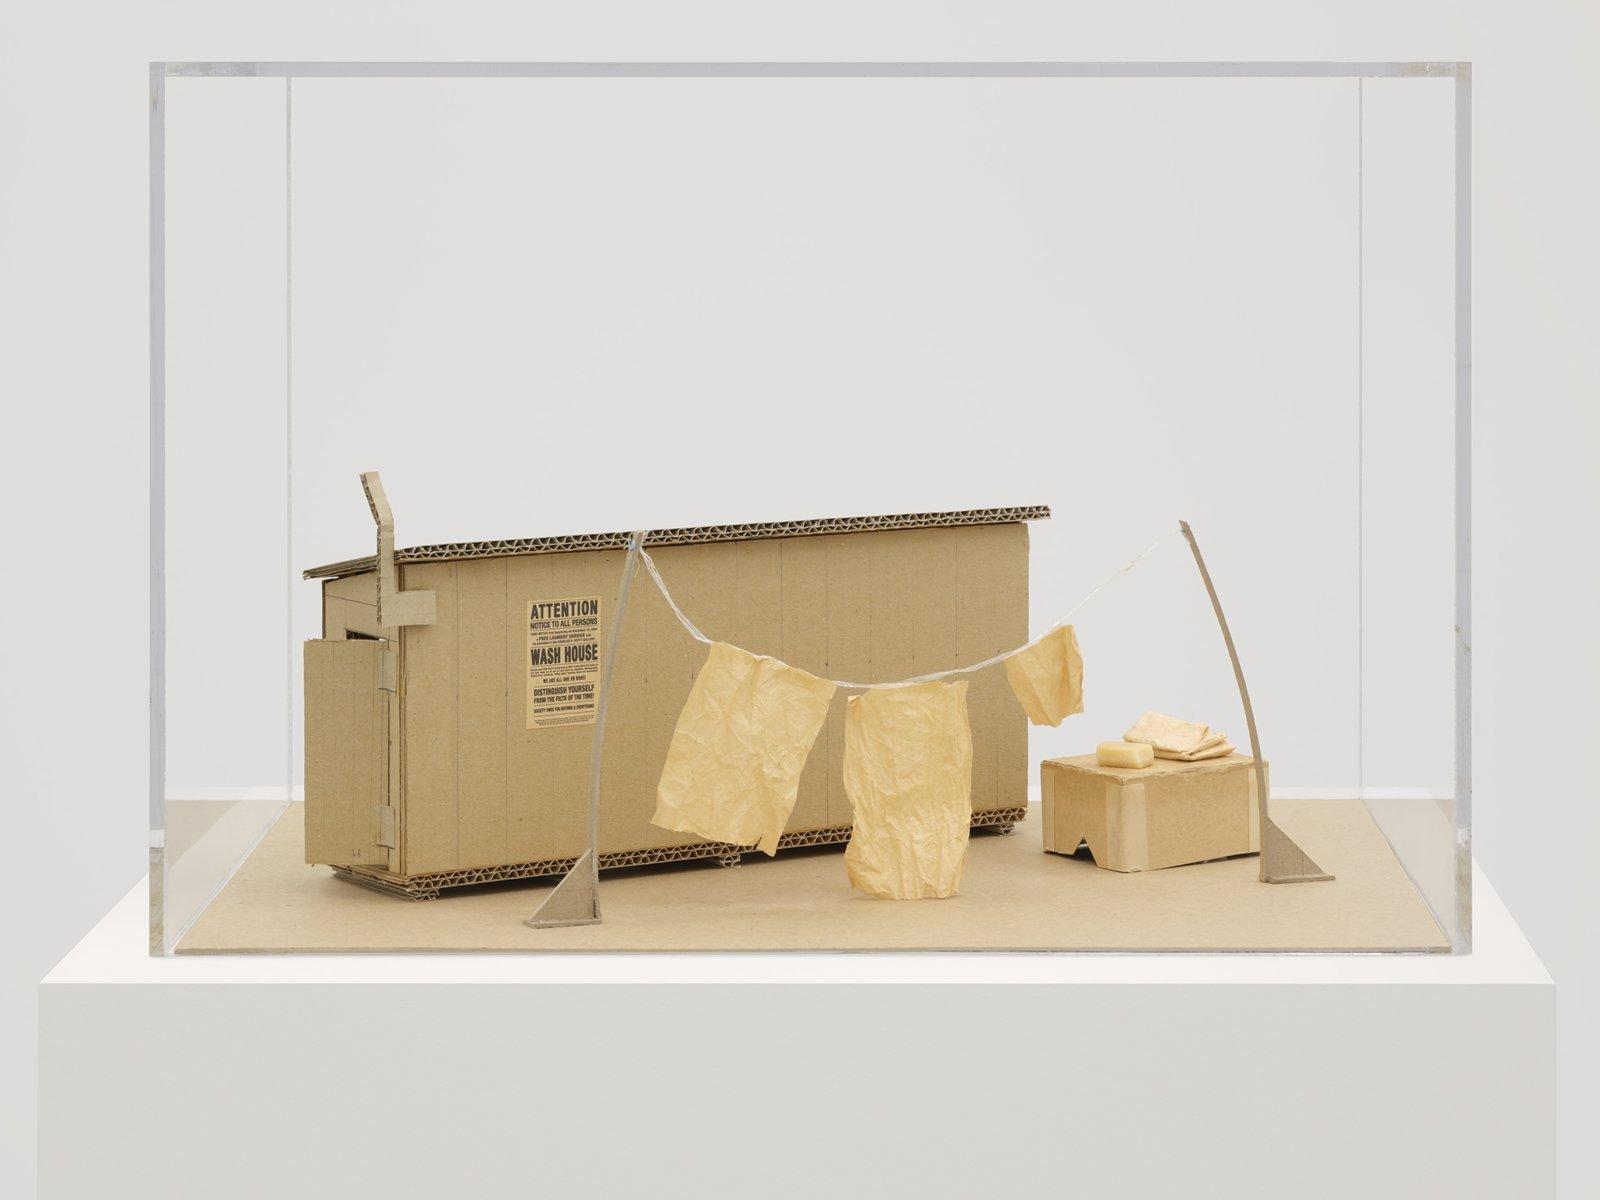 Geoffrey Farmer, Wash House Maquette, 2007, cardboard, rice paper, string, digital print, soap, plexiglas case, 20 x 14 x 13 in. (50 x 36 x 33 cm)